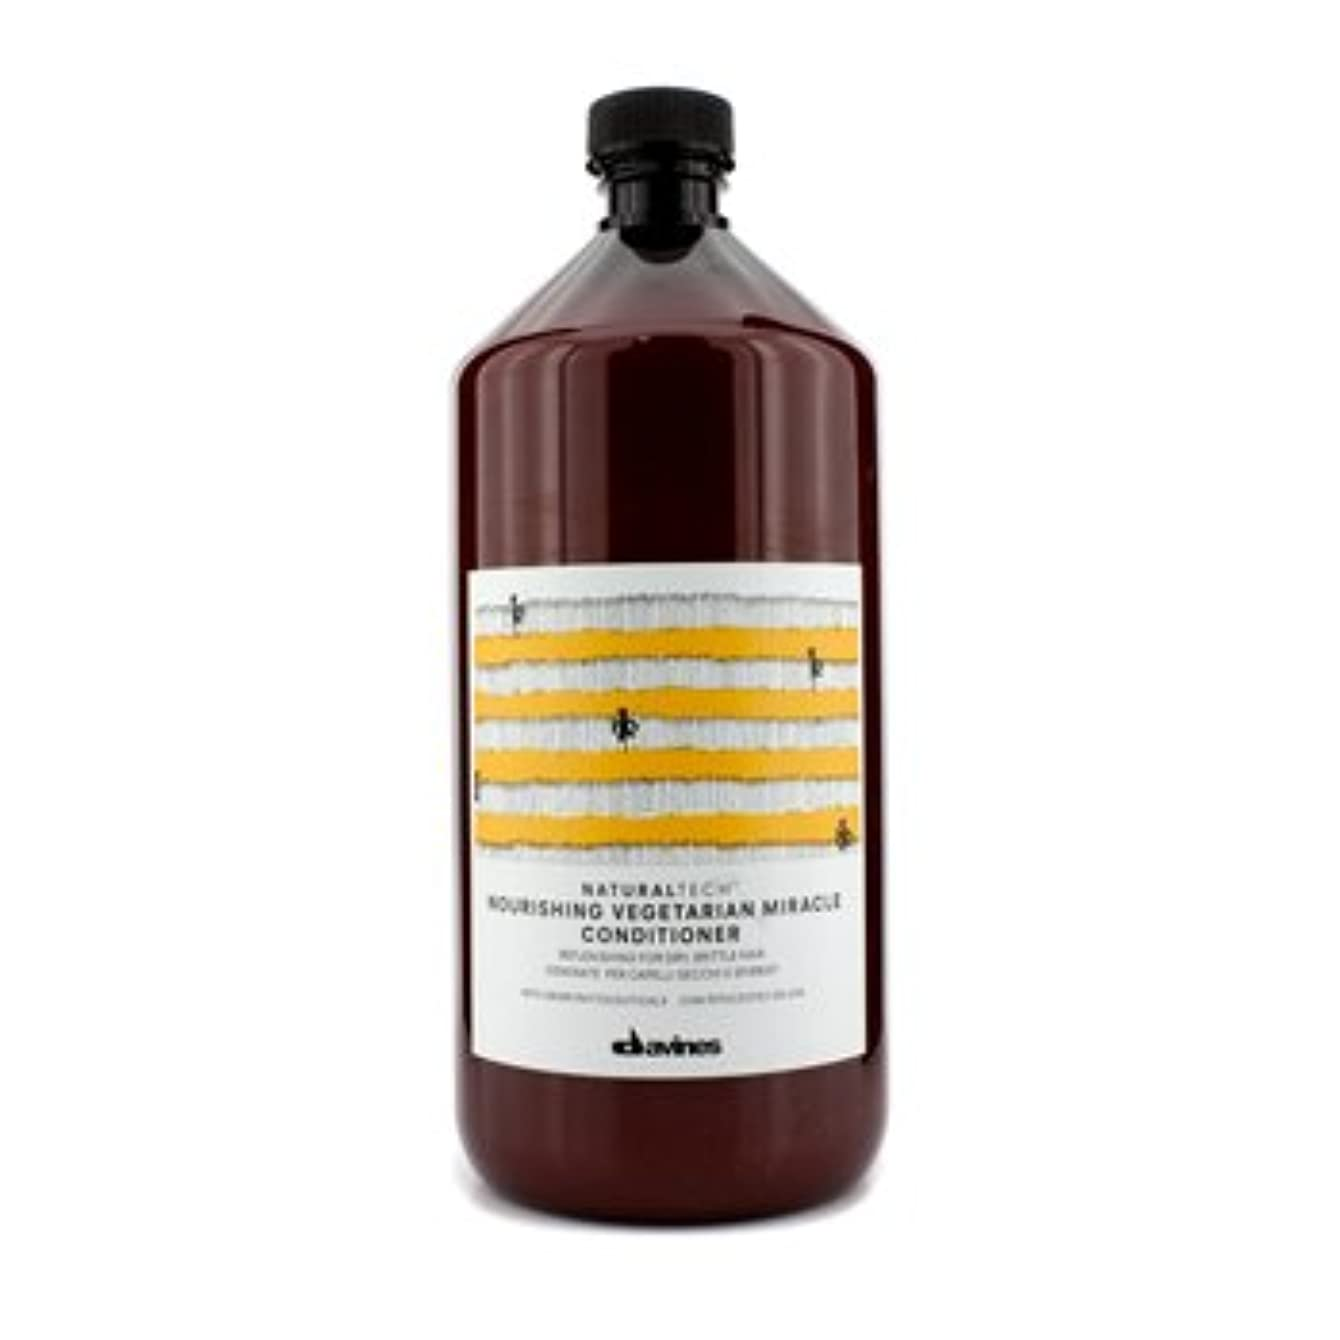 適性ひいきにするハウスダヴィネスNatural Tech Nourishing Vegetarian Miracle Conditioner (For Dry, Brittle Hair) 1000ml/33.8oz【海外直送品】